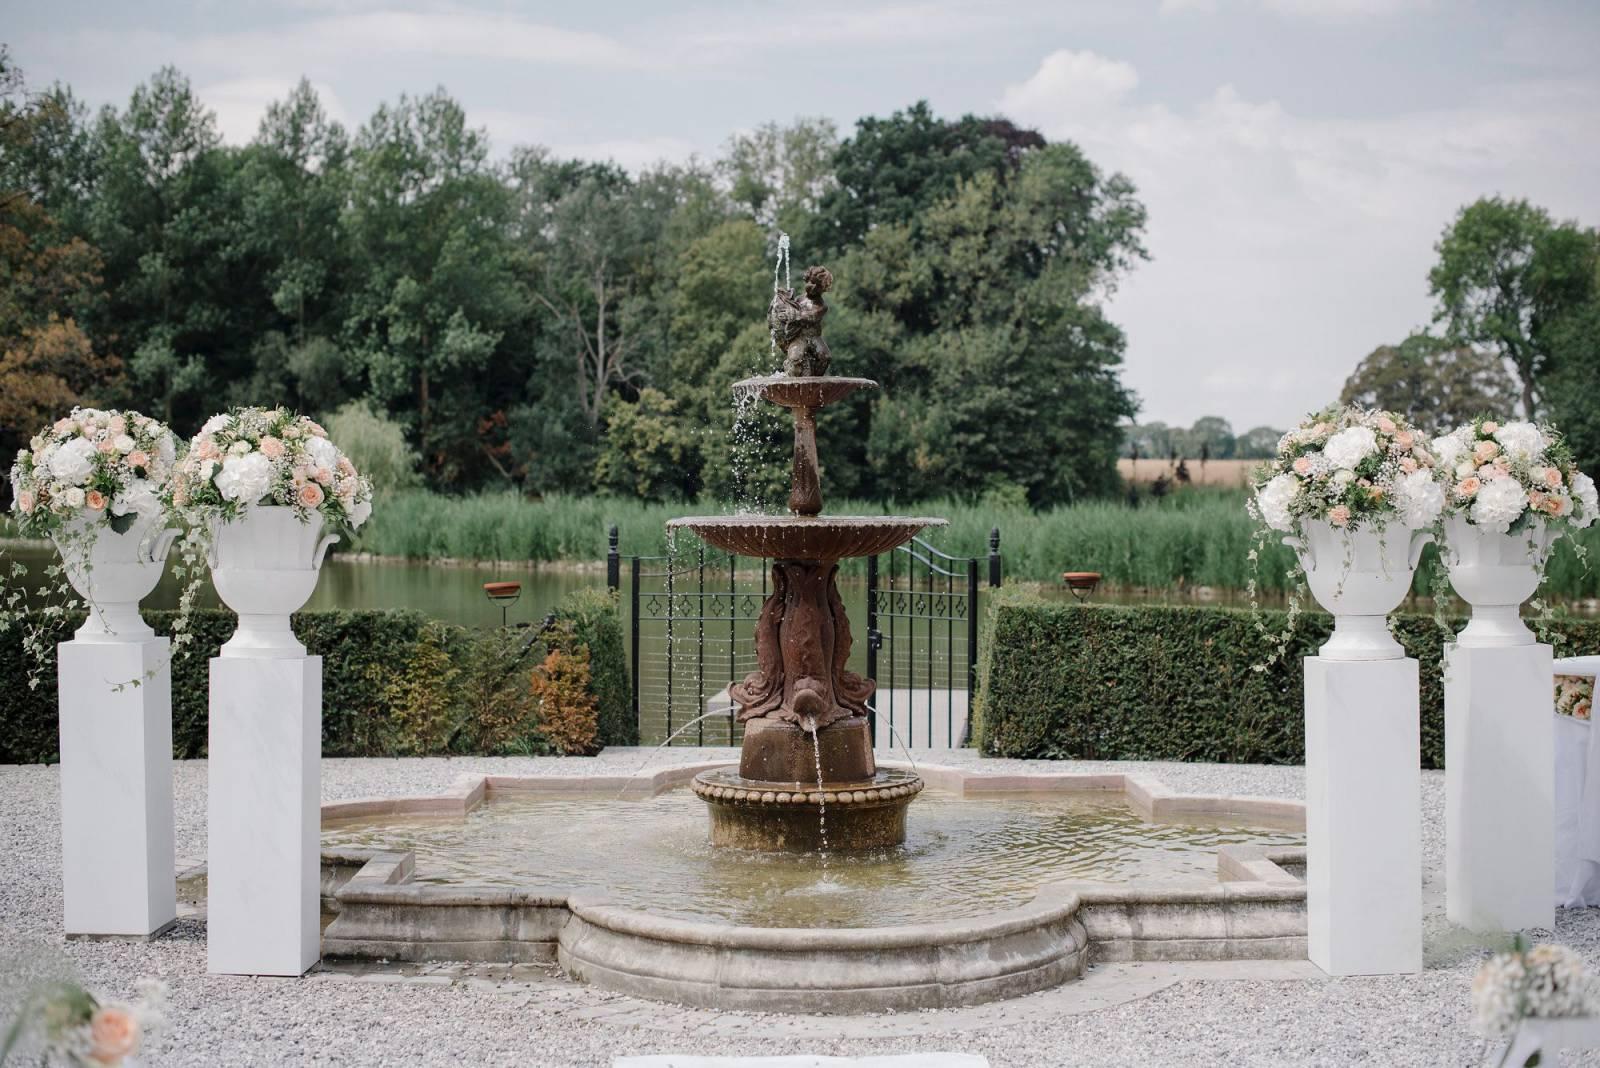 Floral Artists - Bloemen huwelijk trouw bruiloft - Bruidsboeket - Bloemendecoratie - House of Weddings - 11